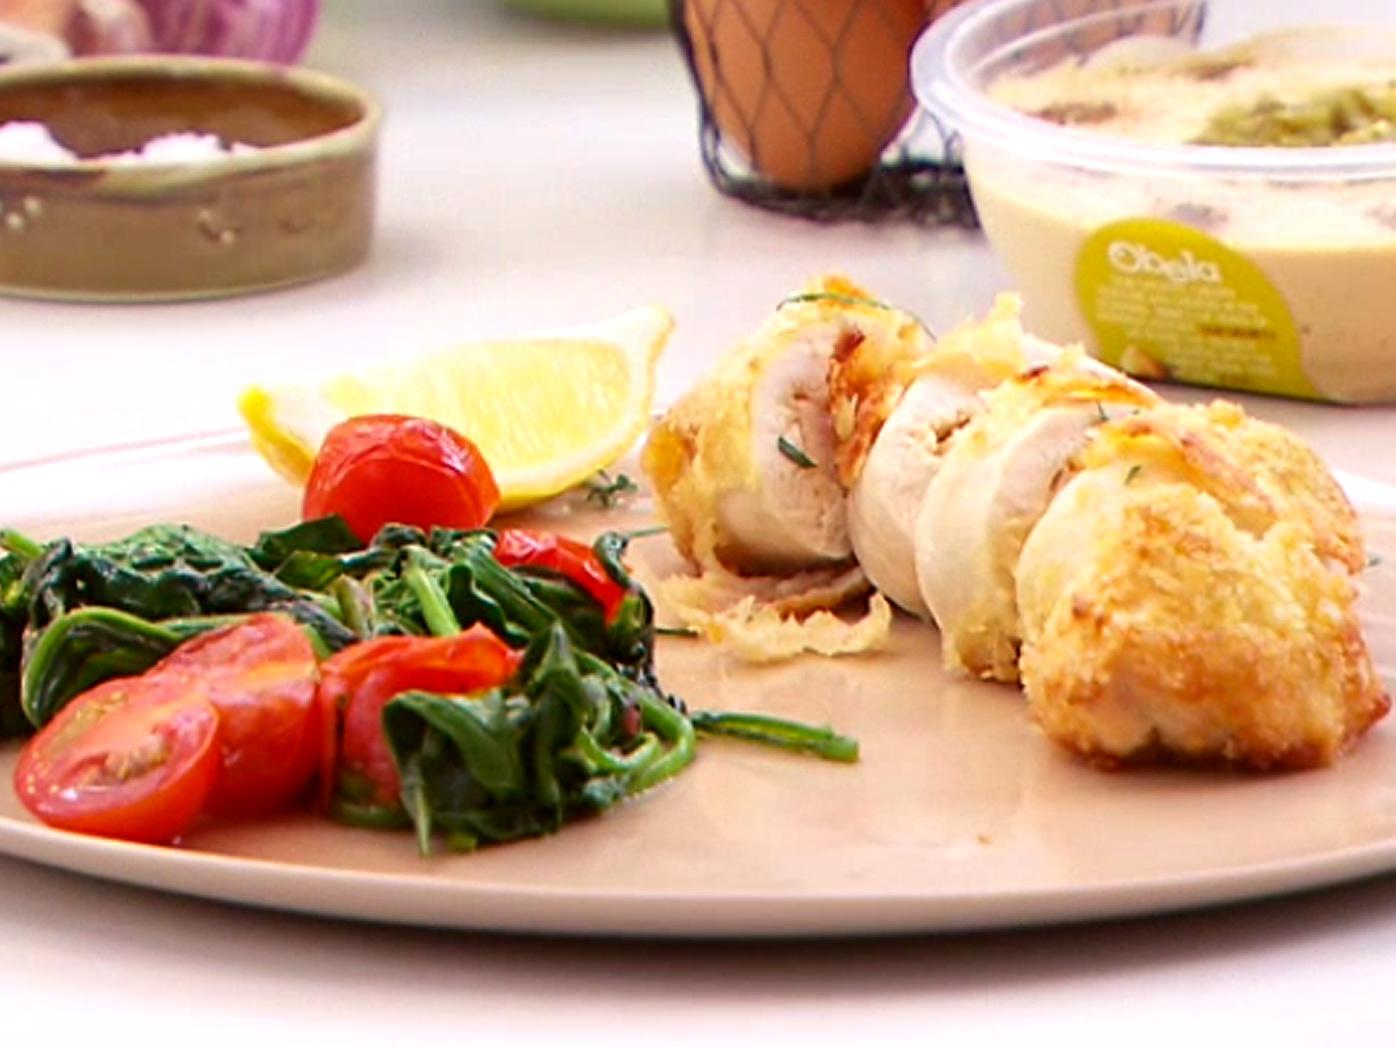 Jack Gunston's hommus-stuffed chicken breast